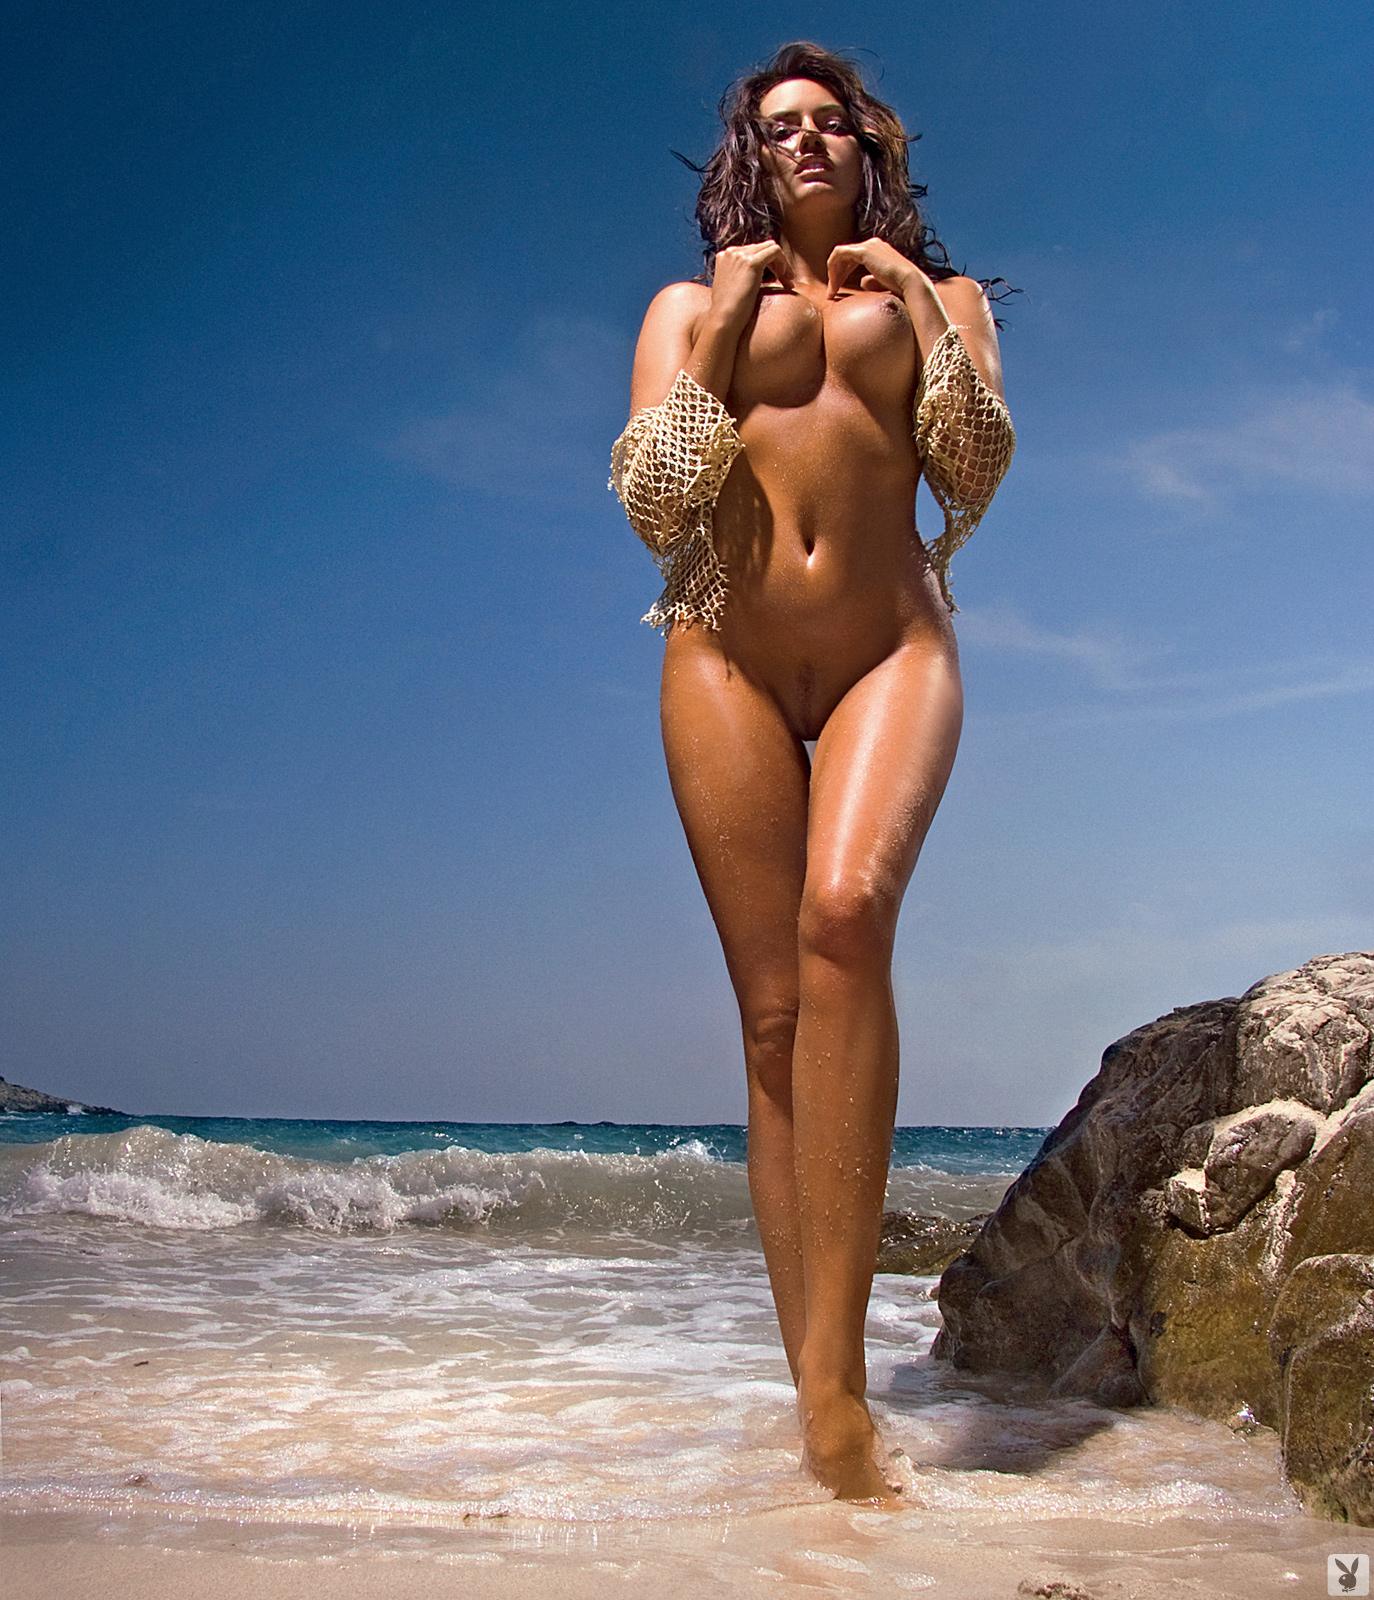 Качественная пляжная эротика